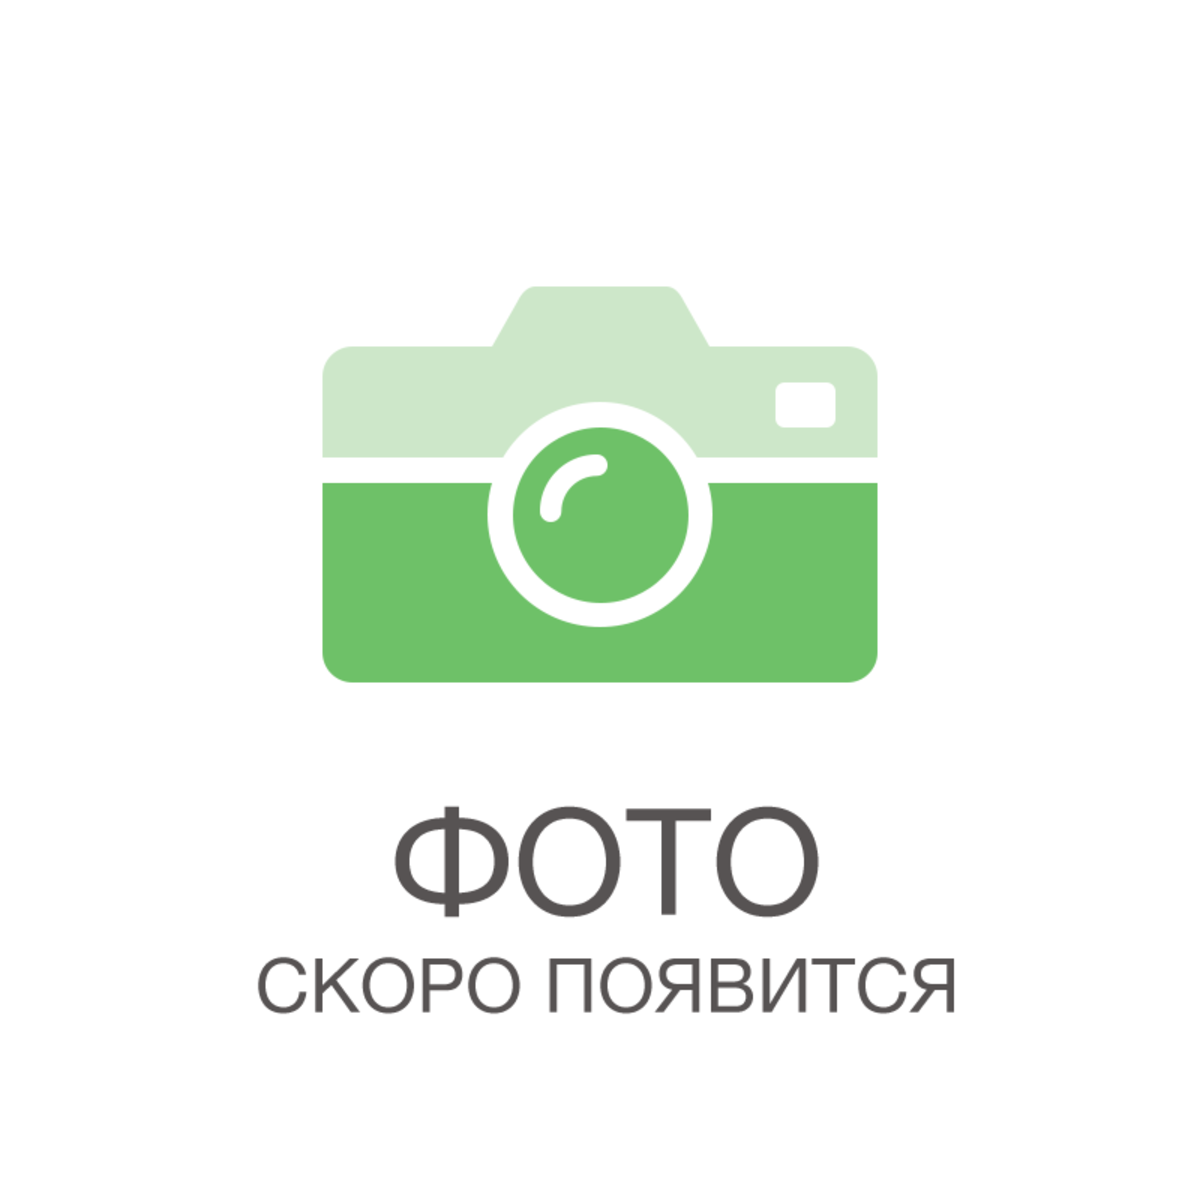 Панель МДФ Орех миланский 2440x910 мм 2.22 м2